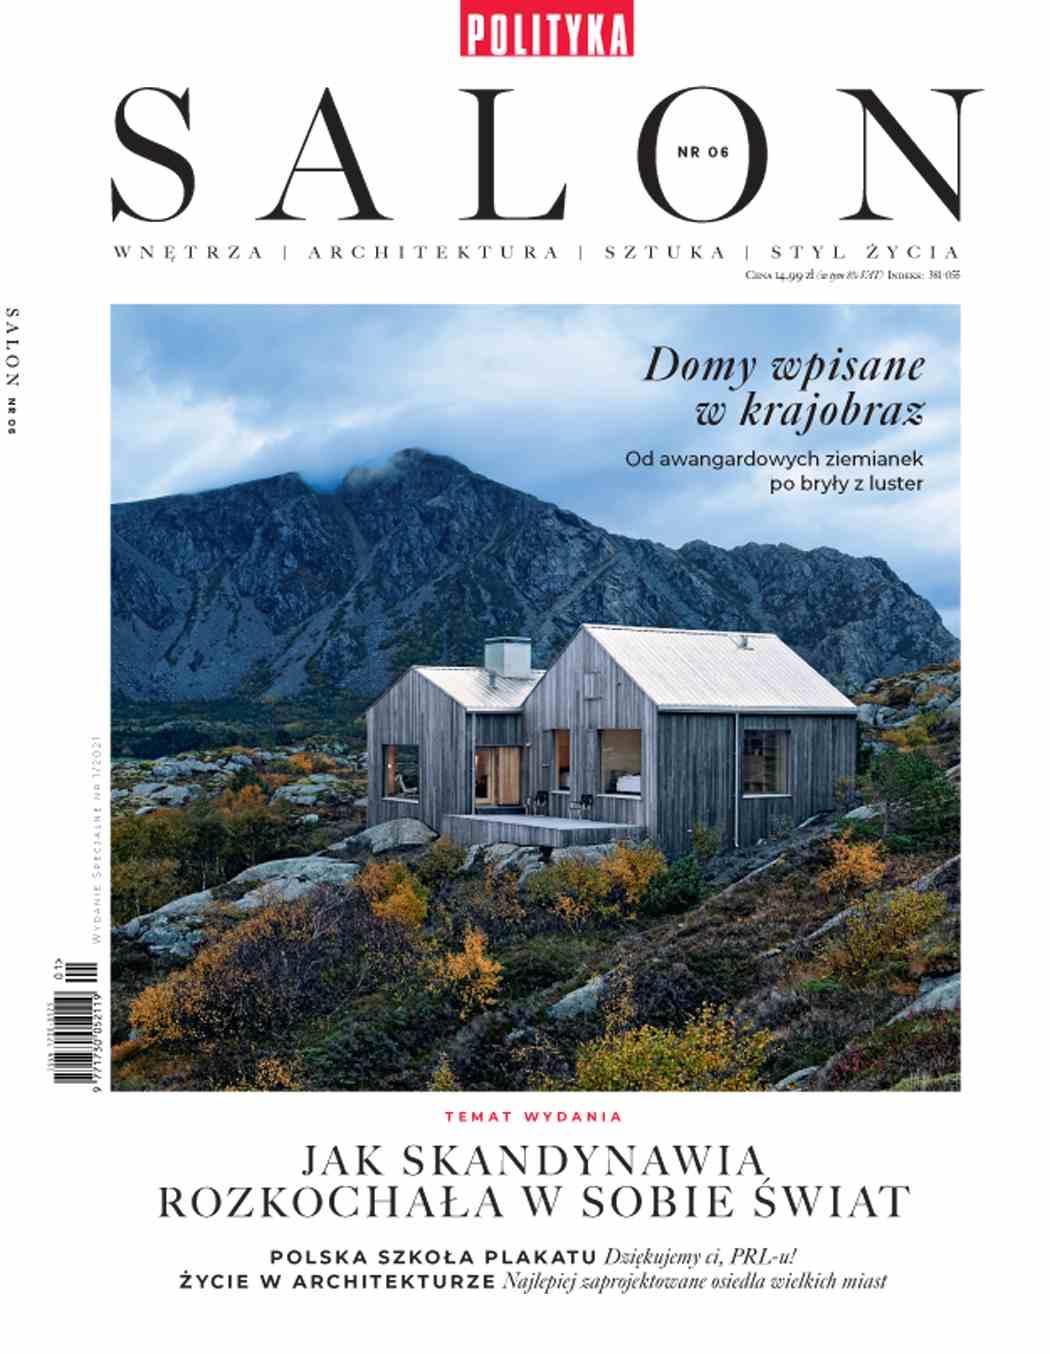 Polityka. Salon. Wydanie specjalne 6/2019 - Ebook (Książka PDF) do pobrania w formacie PDF